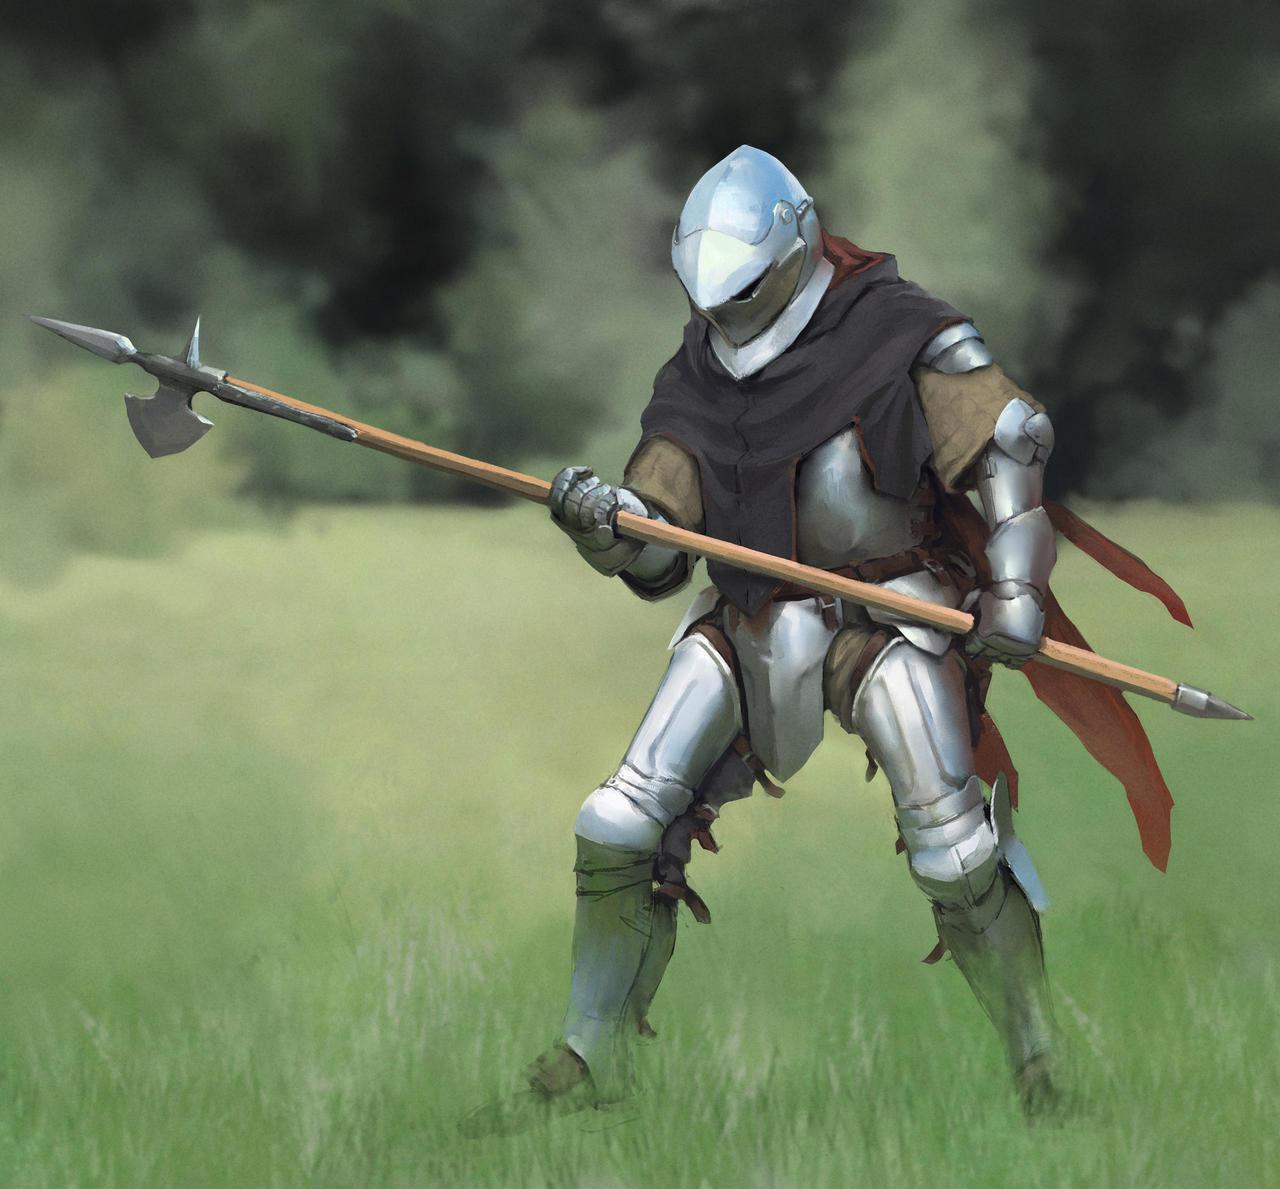 Knight_01 by Igor-Zhovtovsky